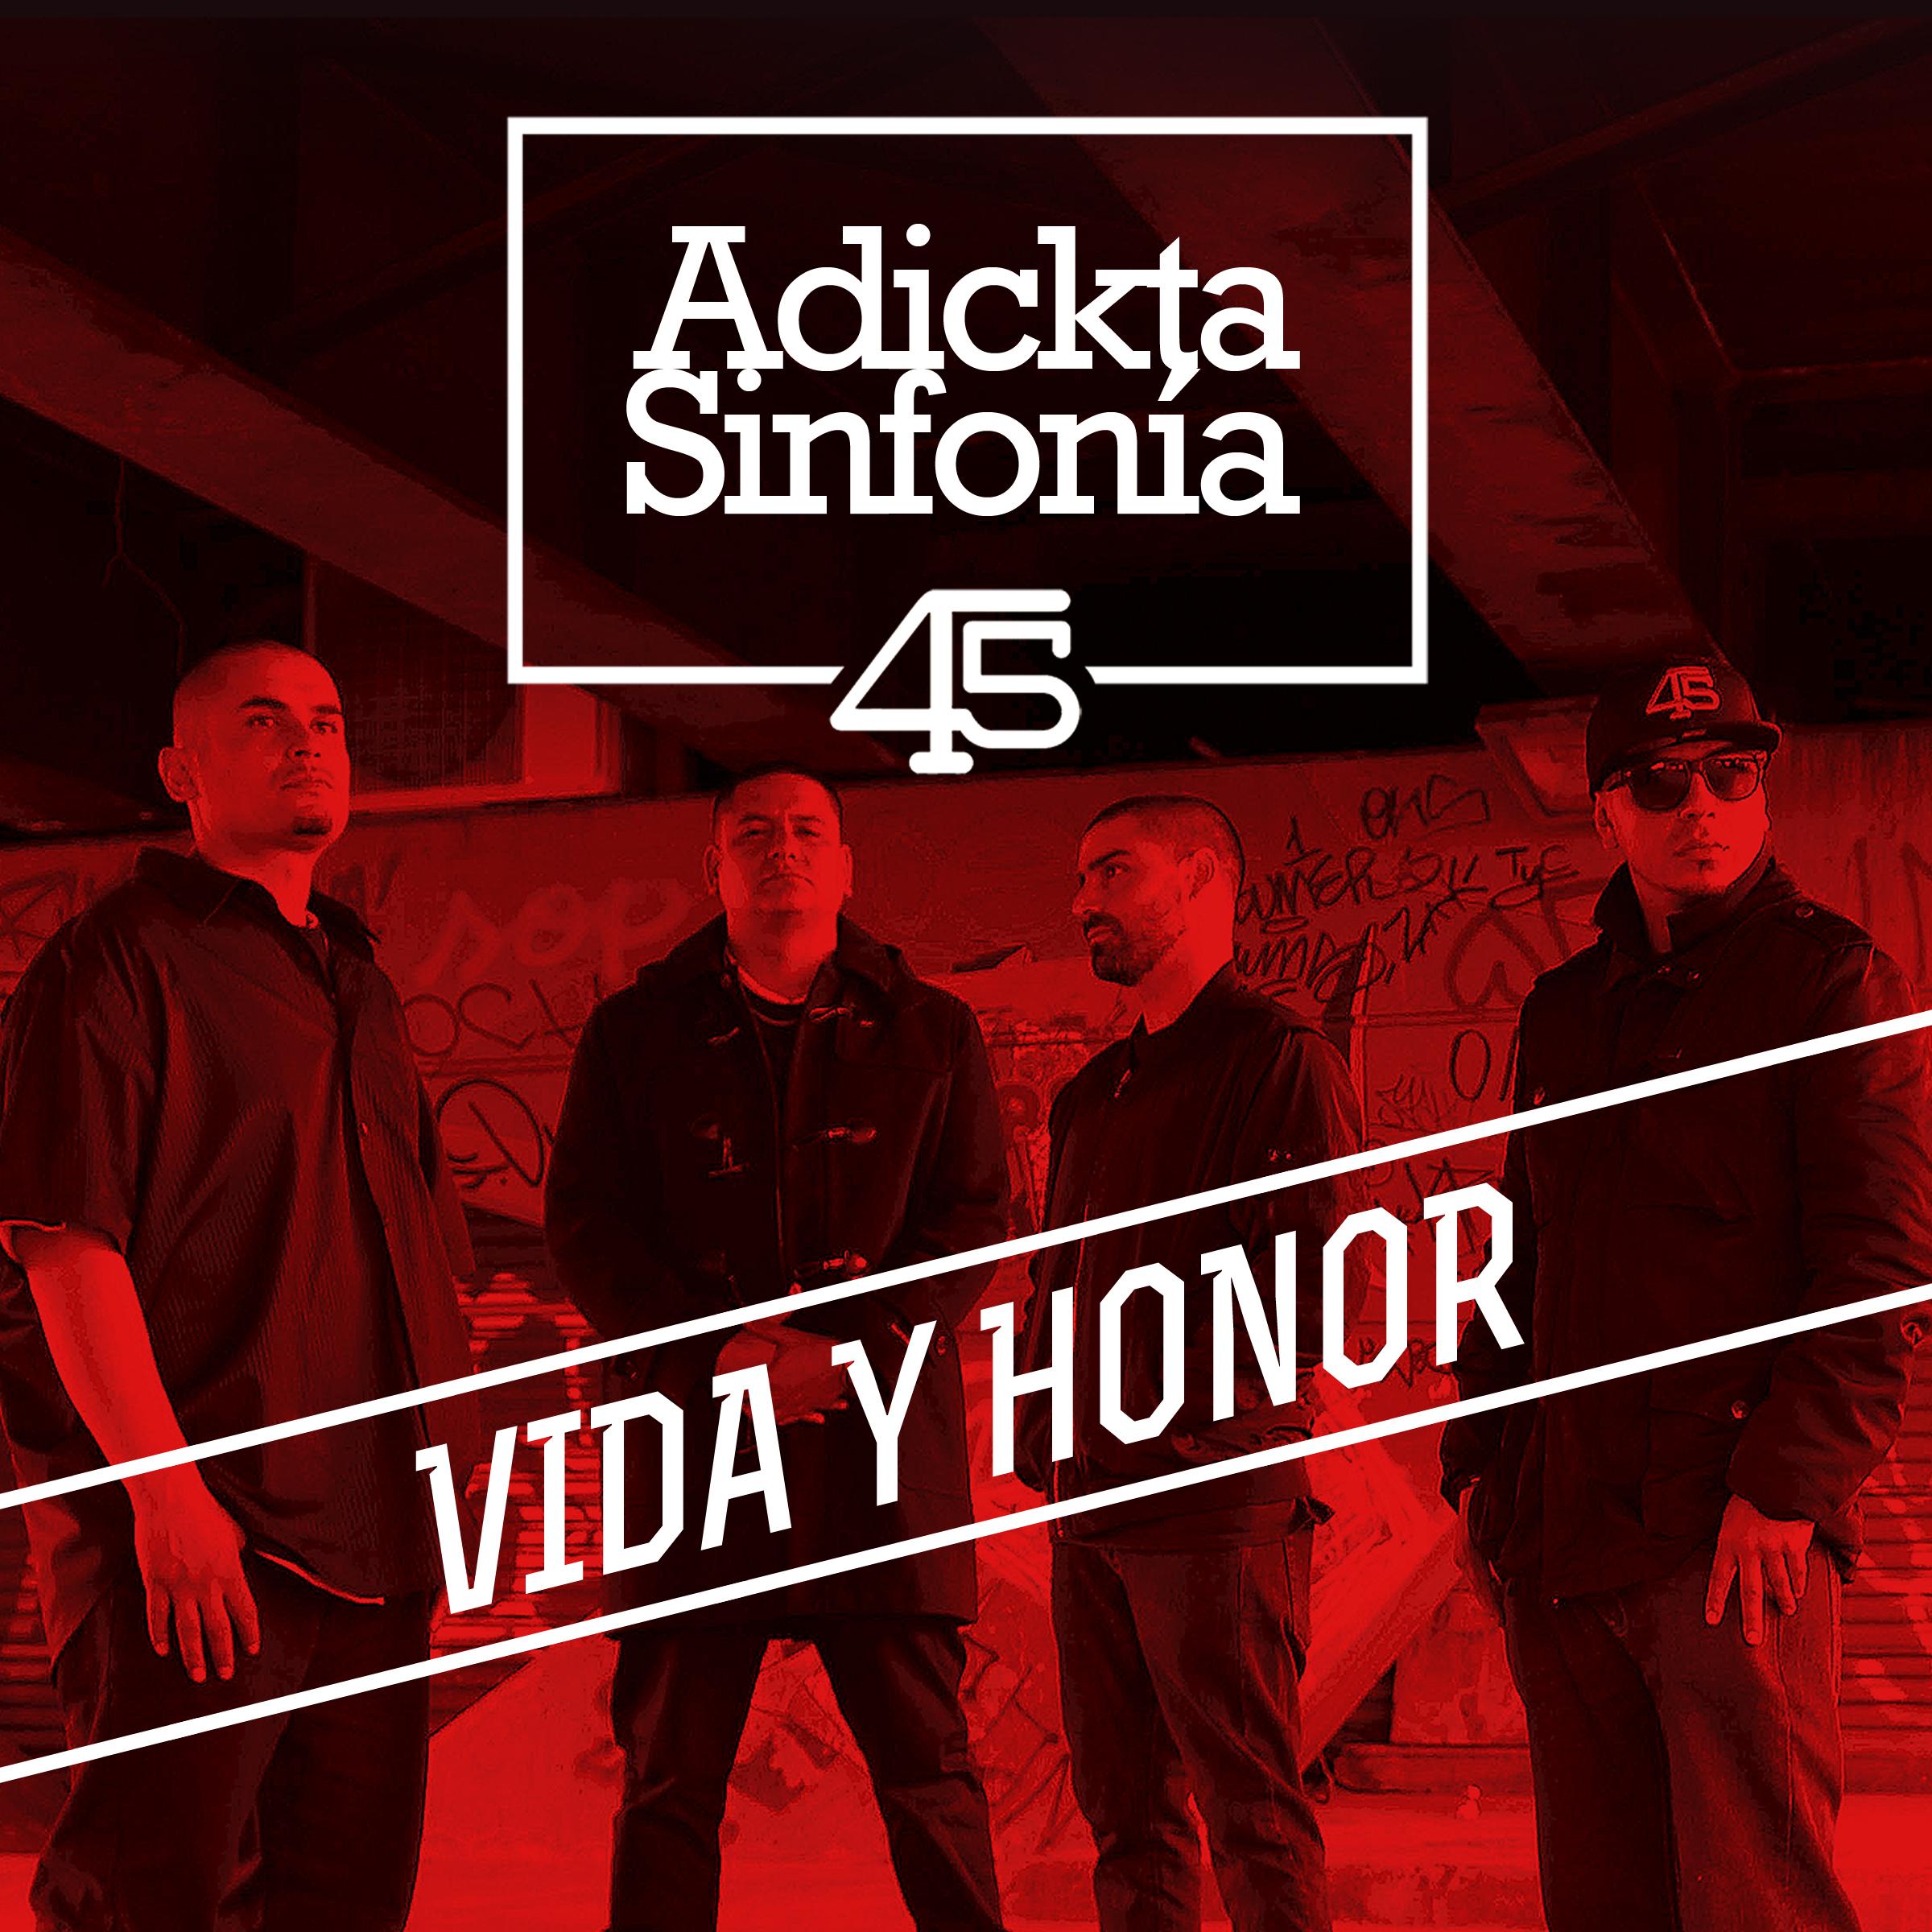 Adickta Sinfonía - Vida y Honor